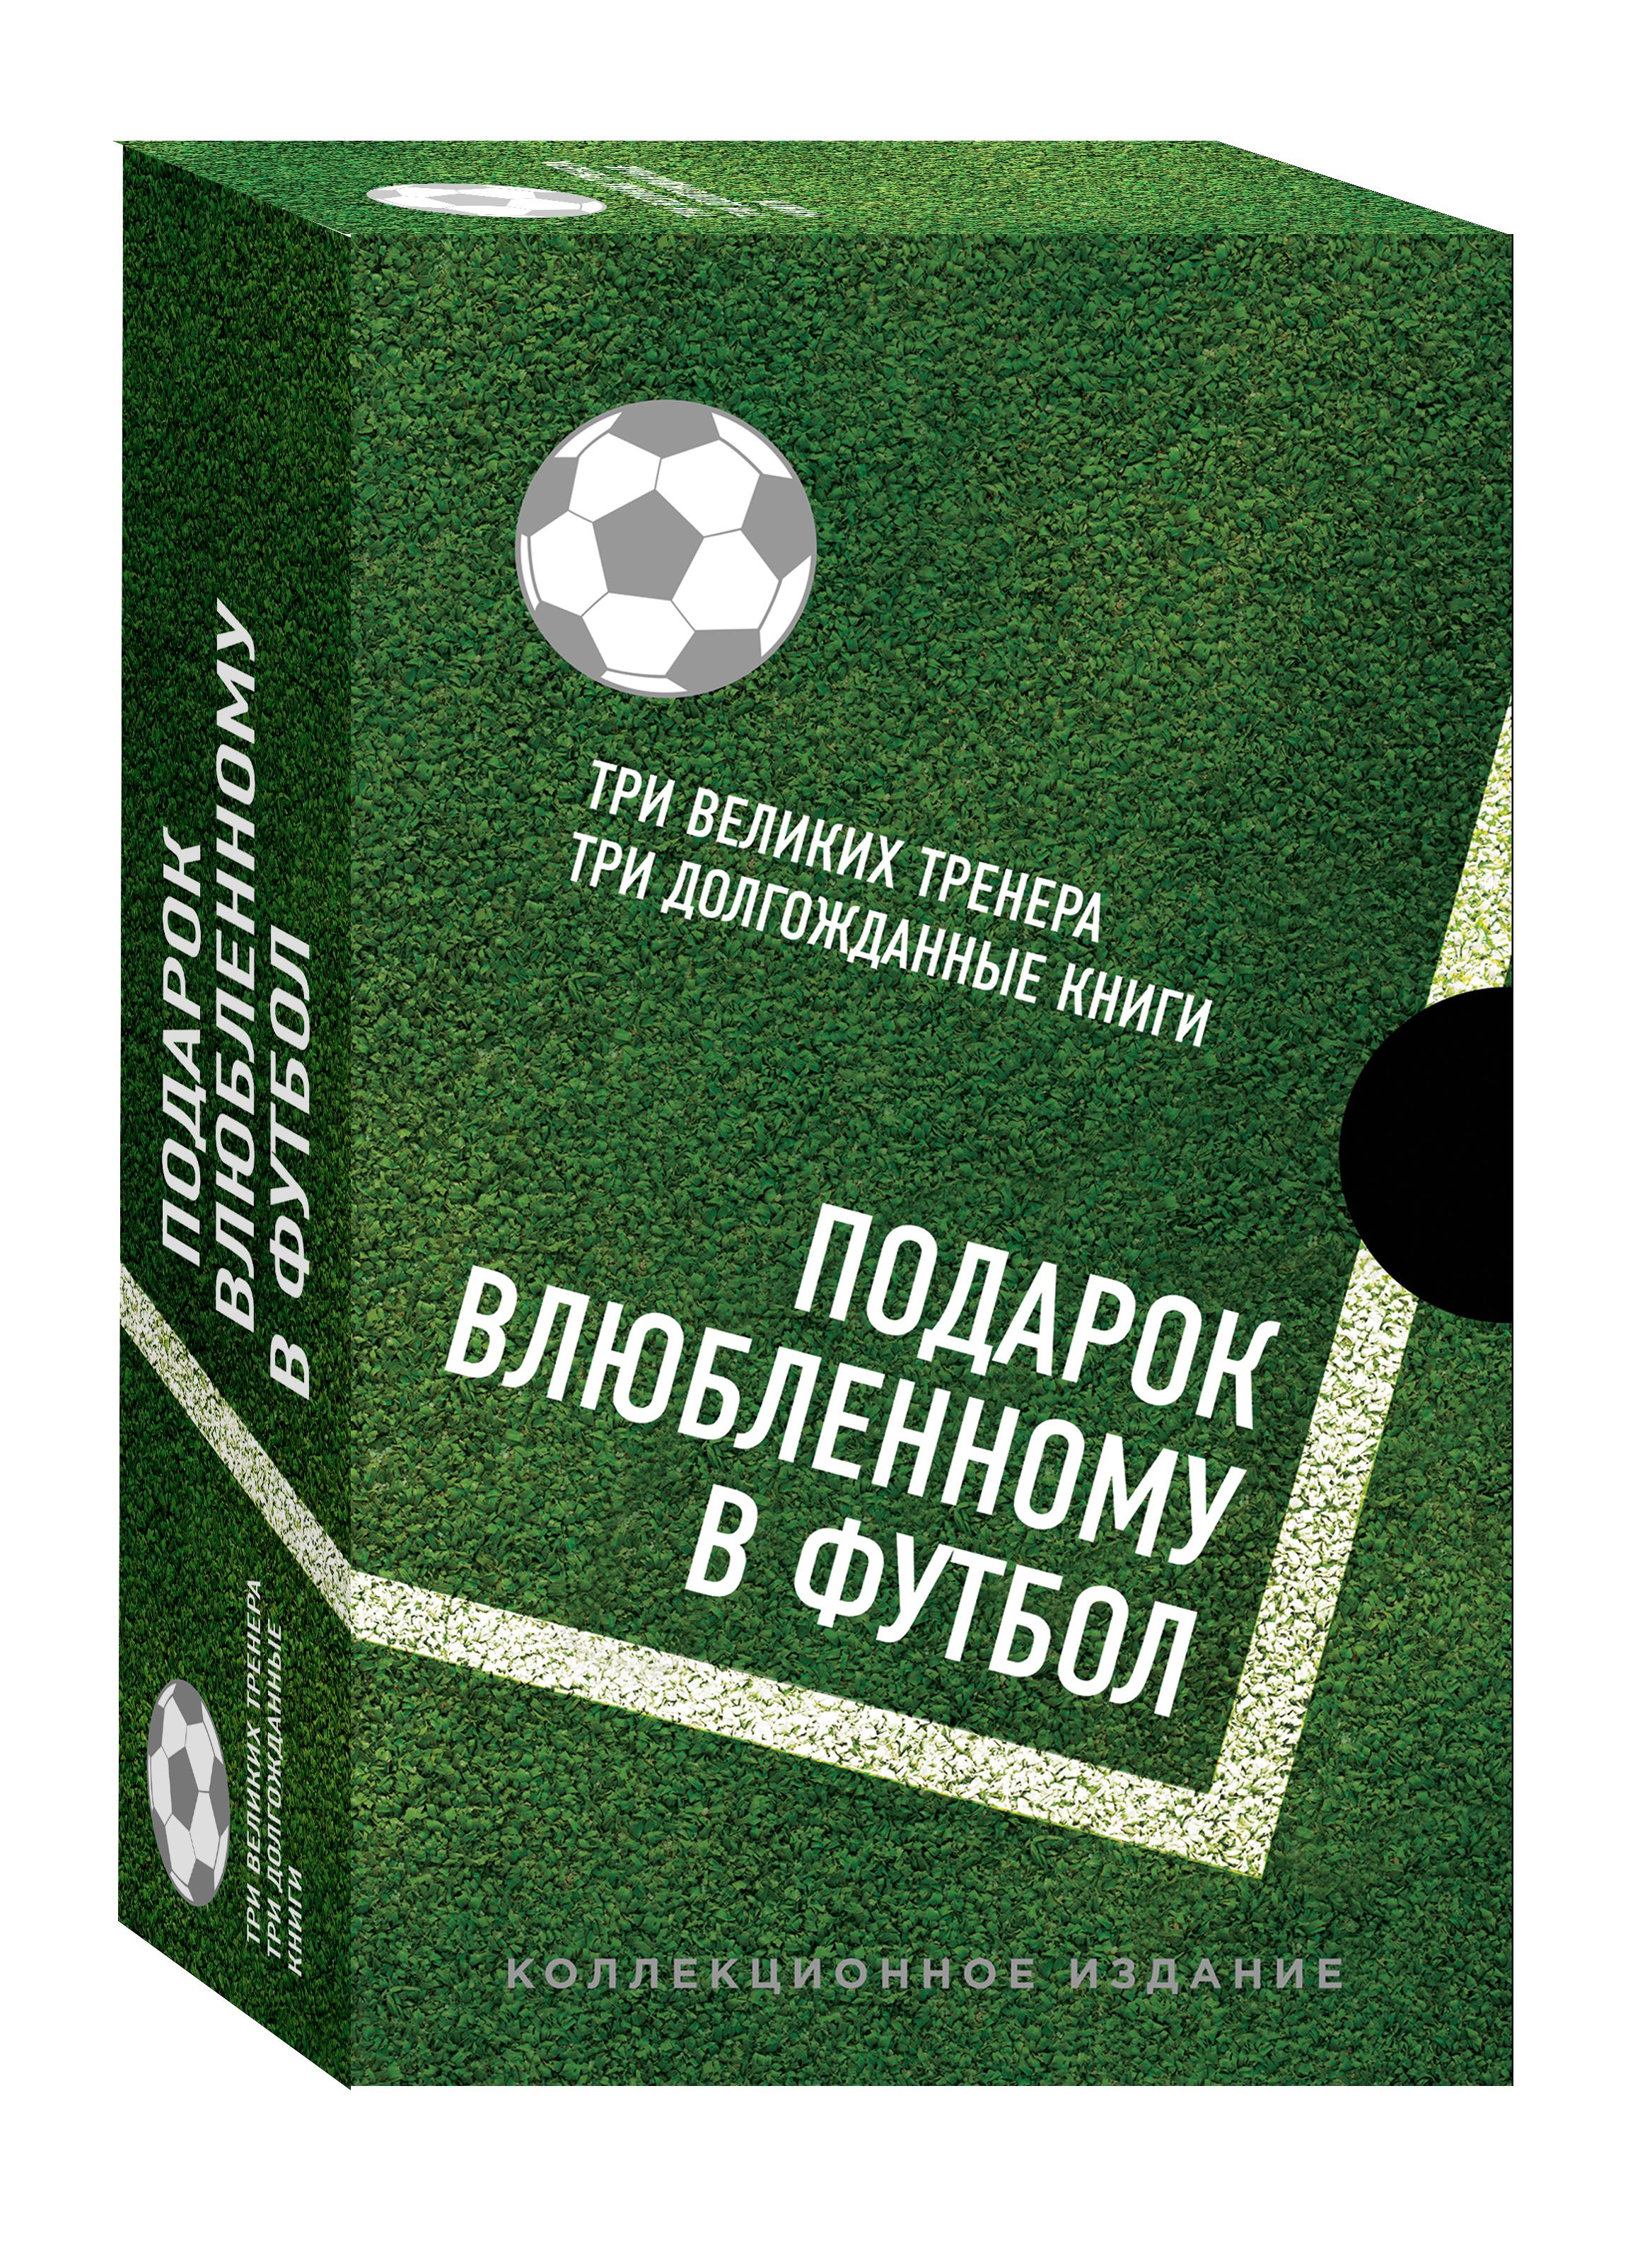 Подарок влюбленному в футбол (Кройфф, Платини, Гвардиола)